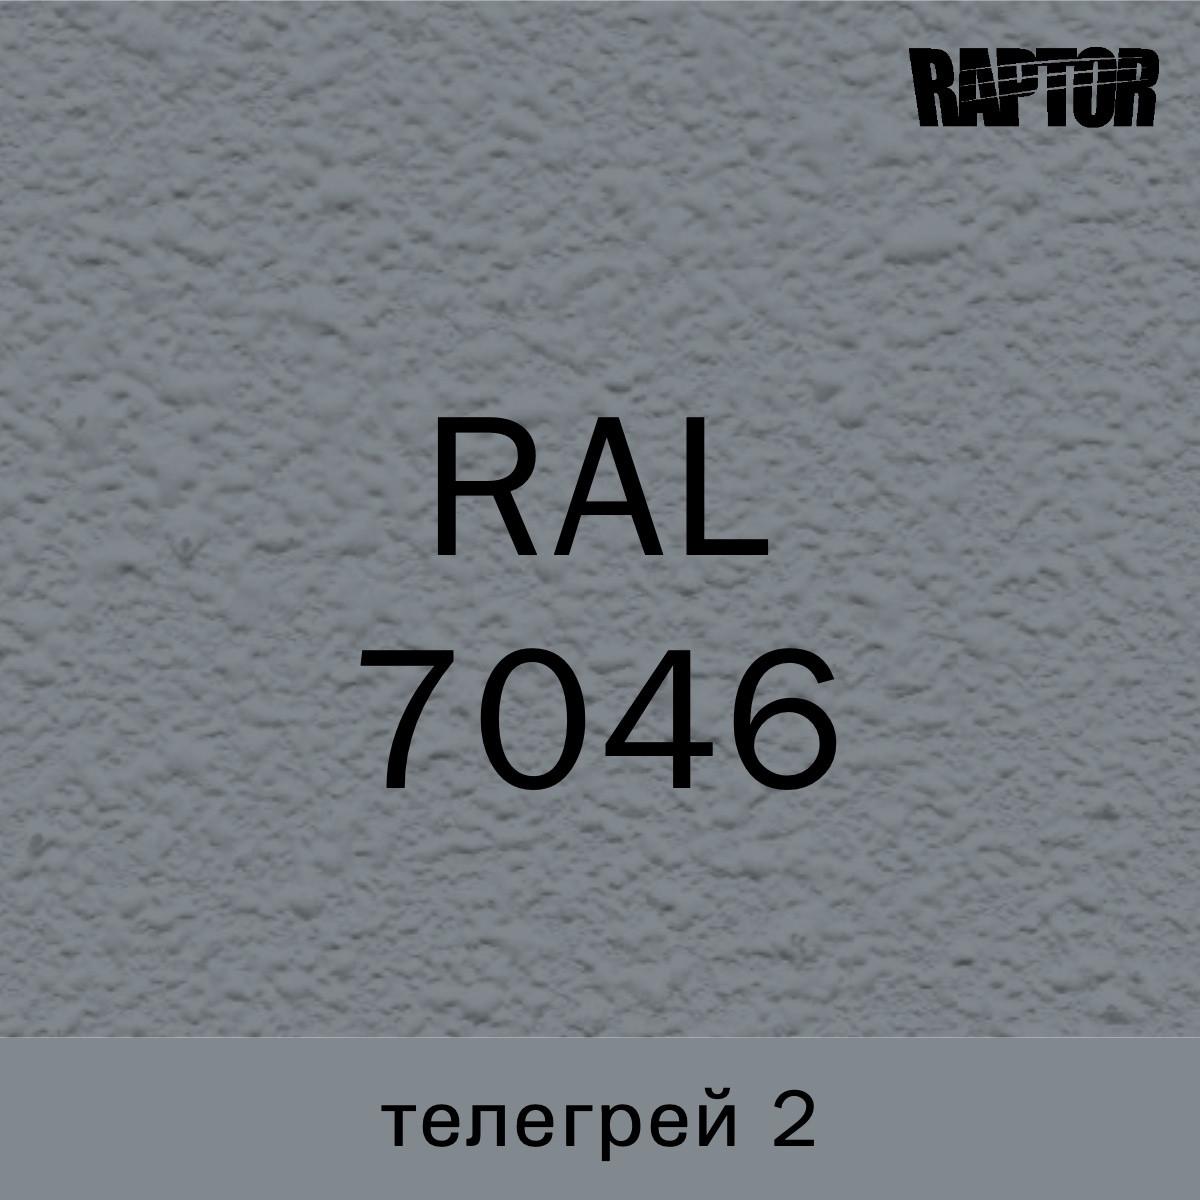 Пигмент для колеровки покрытия RAPTOR™ Телегрей 2 (RAL 7046)